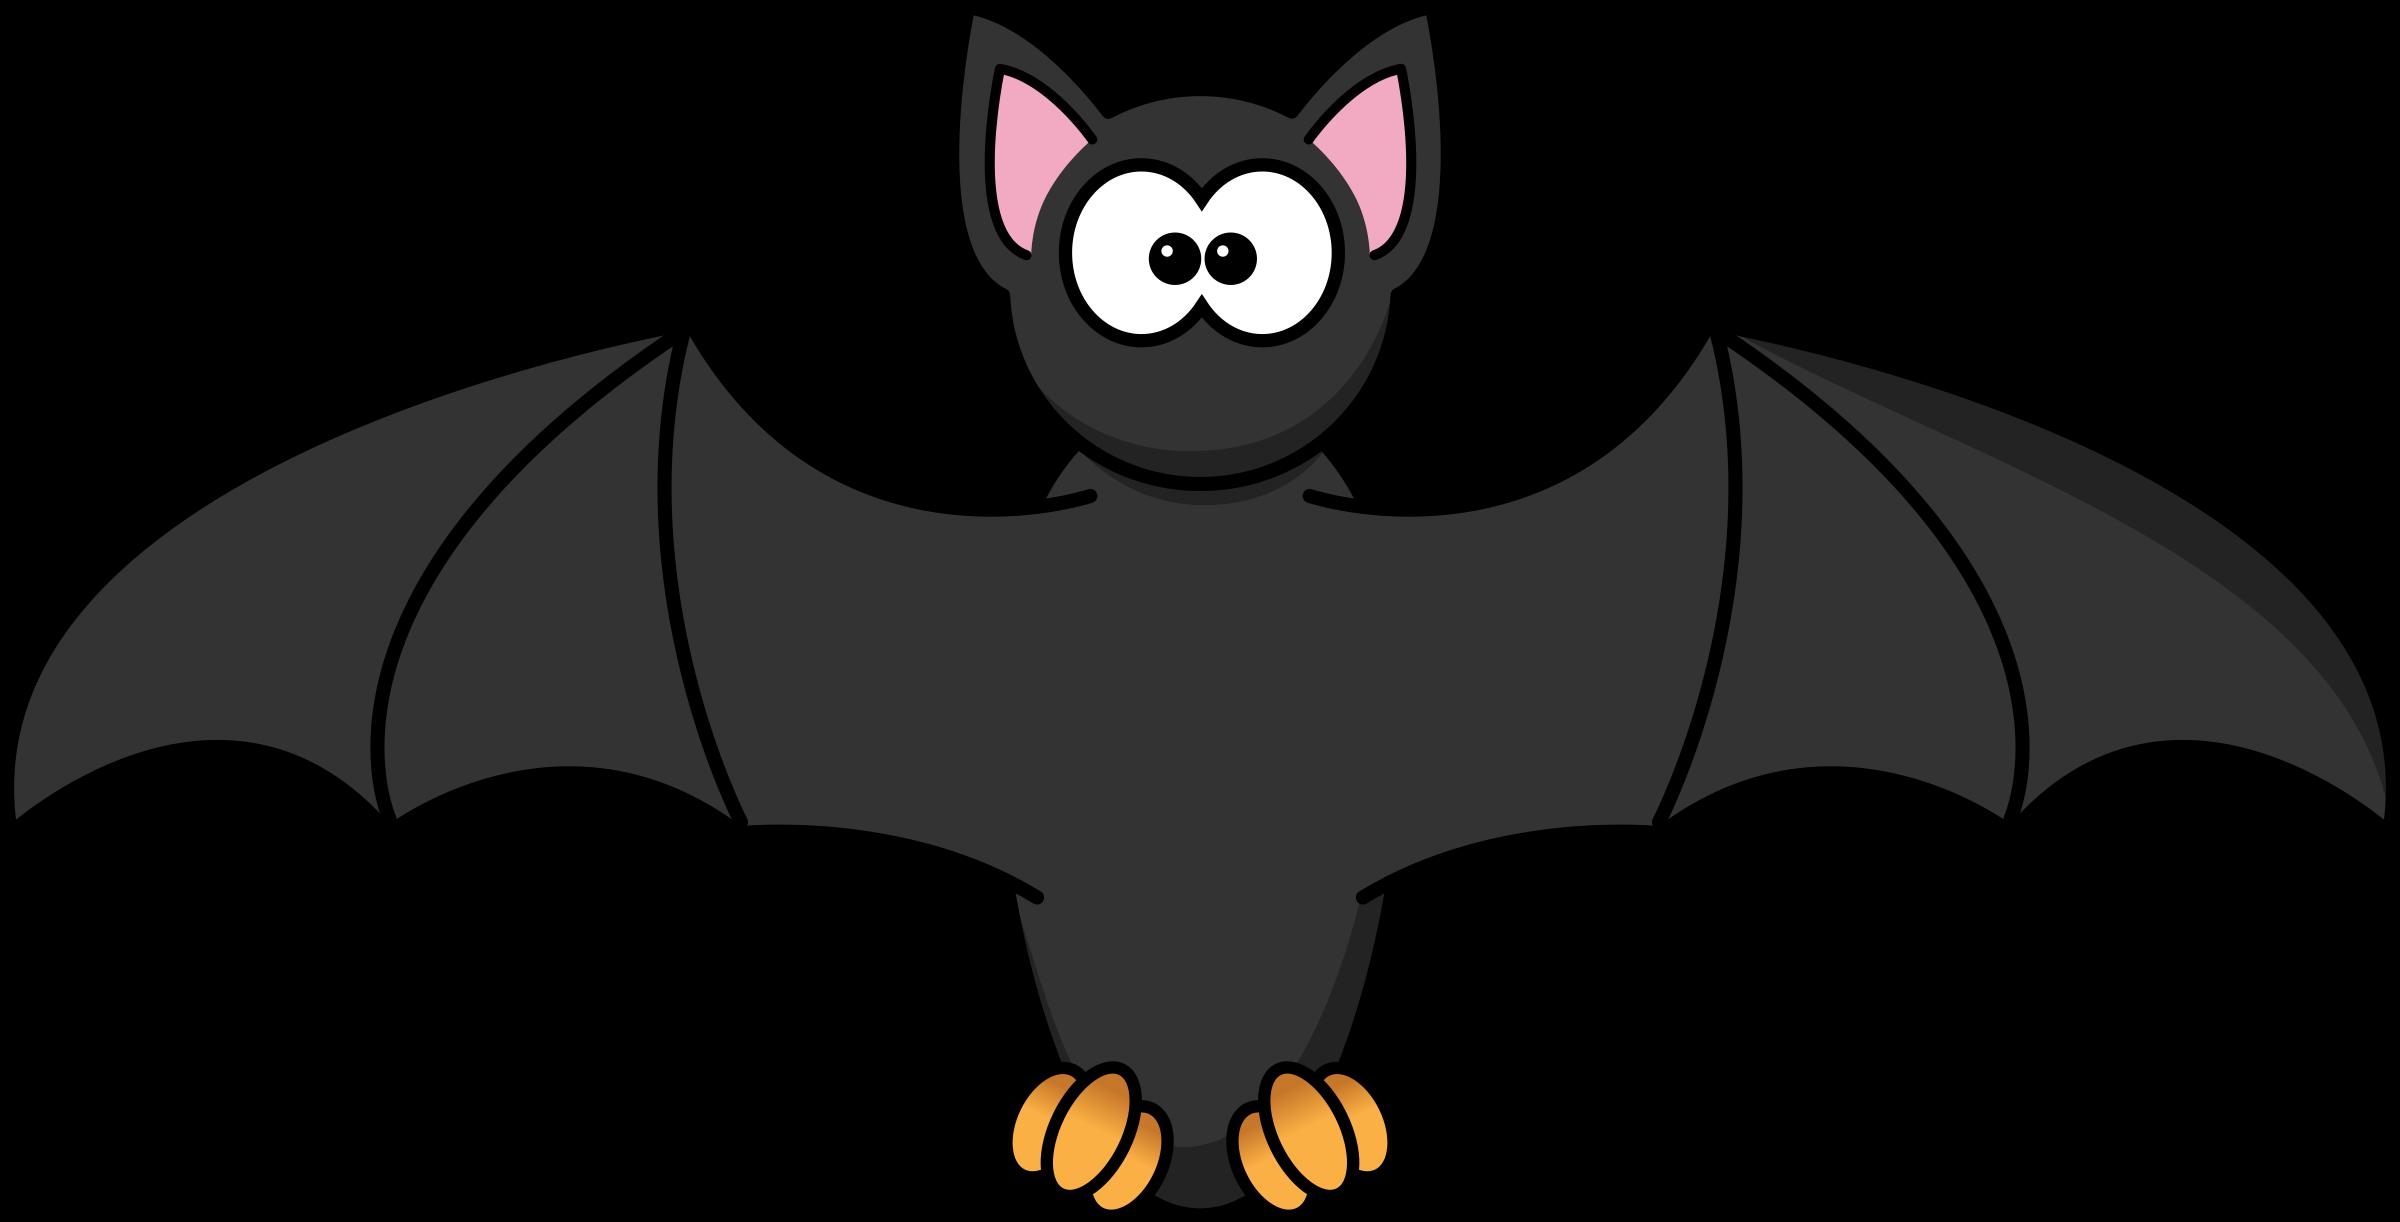 clip art freeuse library Bat clipart fruit bat. Cartoon images tremendous icons.